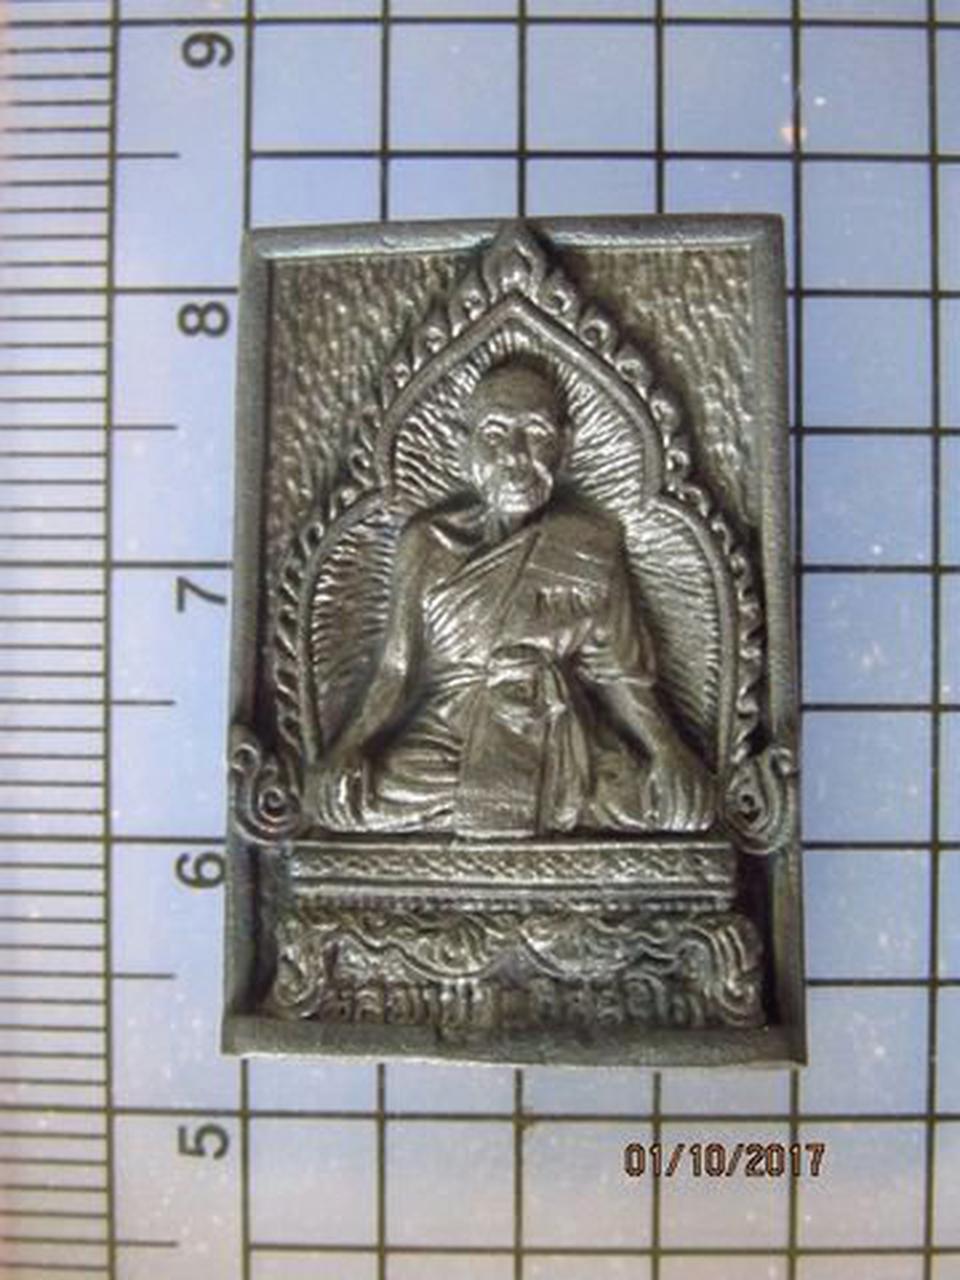 4720 เหรียญหล่อหลวงปู่ นิล วัดครบุรี ฉลองอายุครบ 90 ปี ปี253 รูปที่ 1